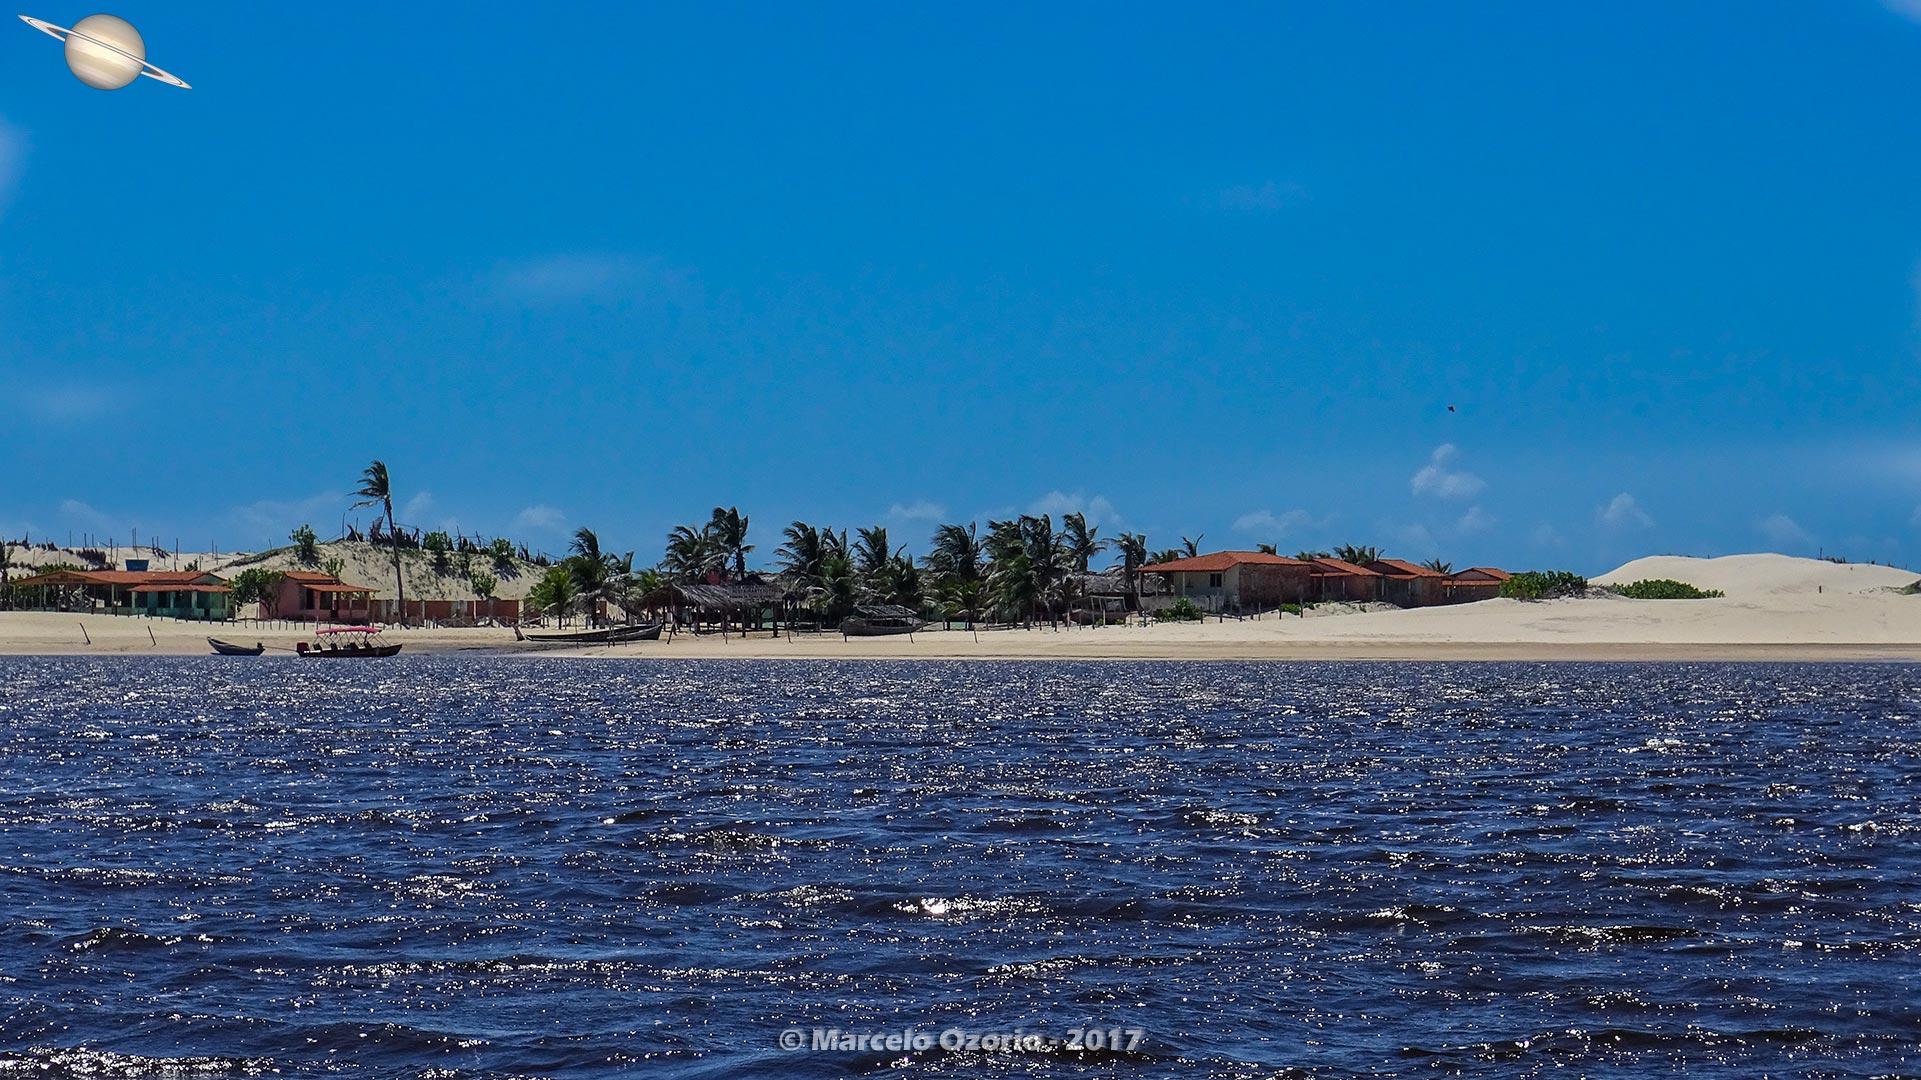 cabure lencois maranhenses brasil 18 - De Barreirinhas à Canto do Atins. Trekking nos Lençóis Maranhenses - Brasil